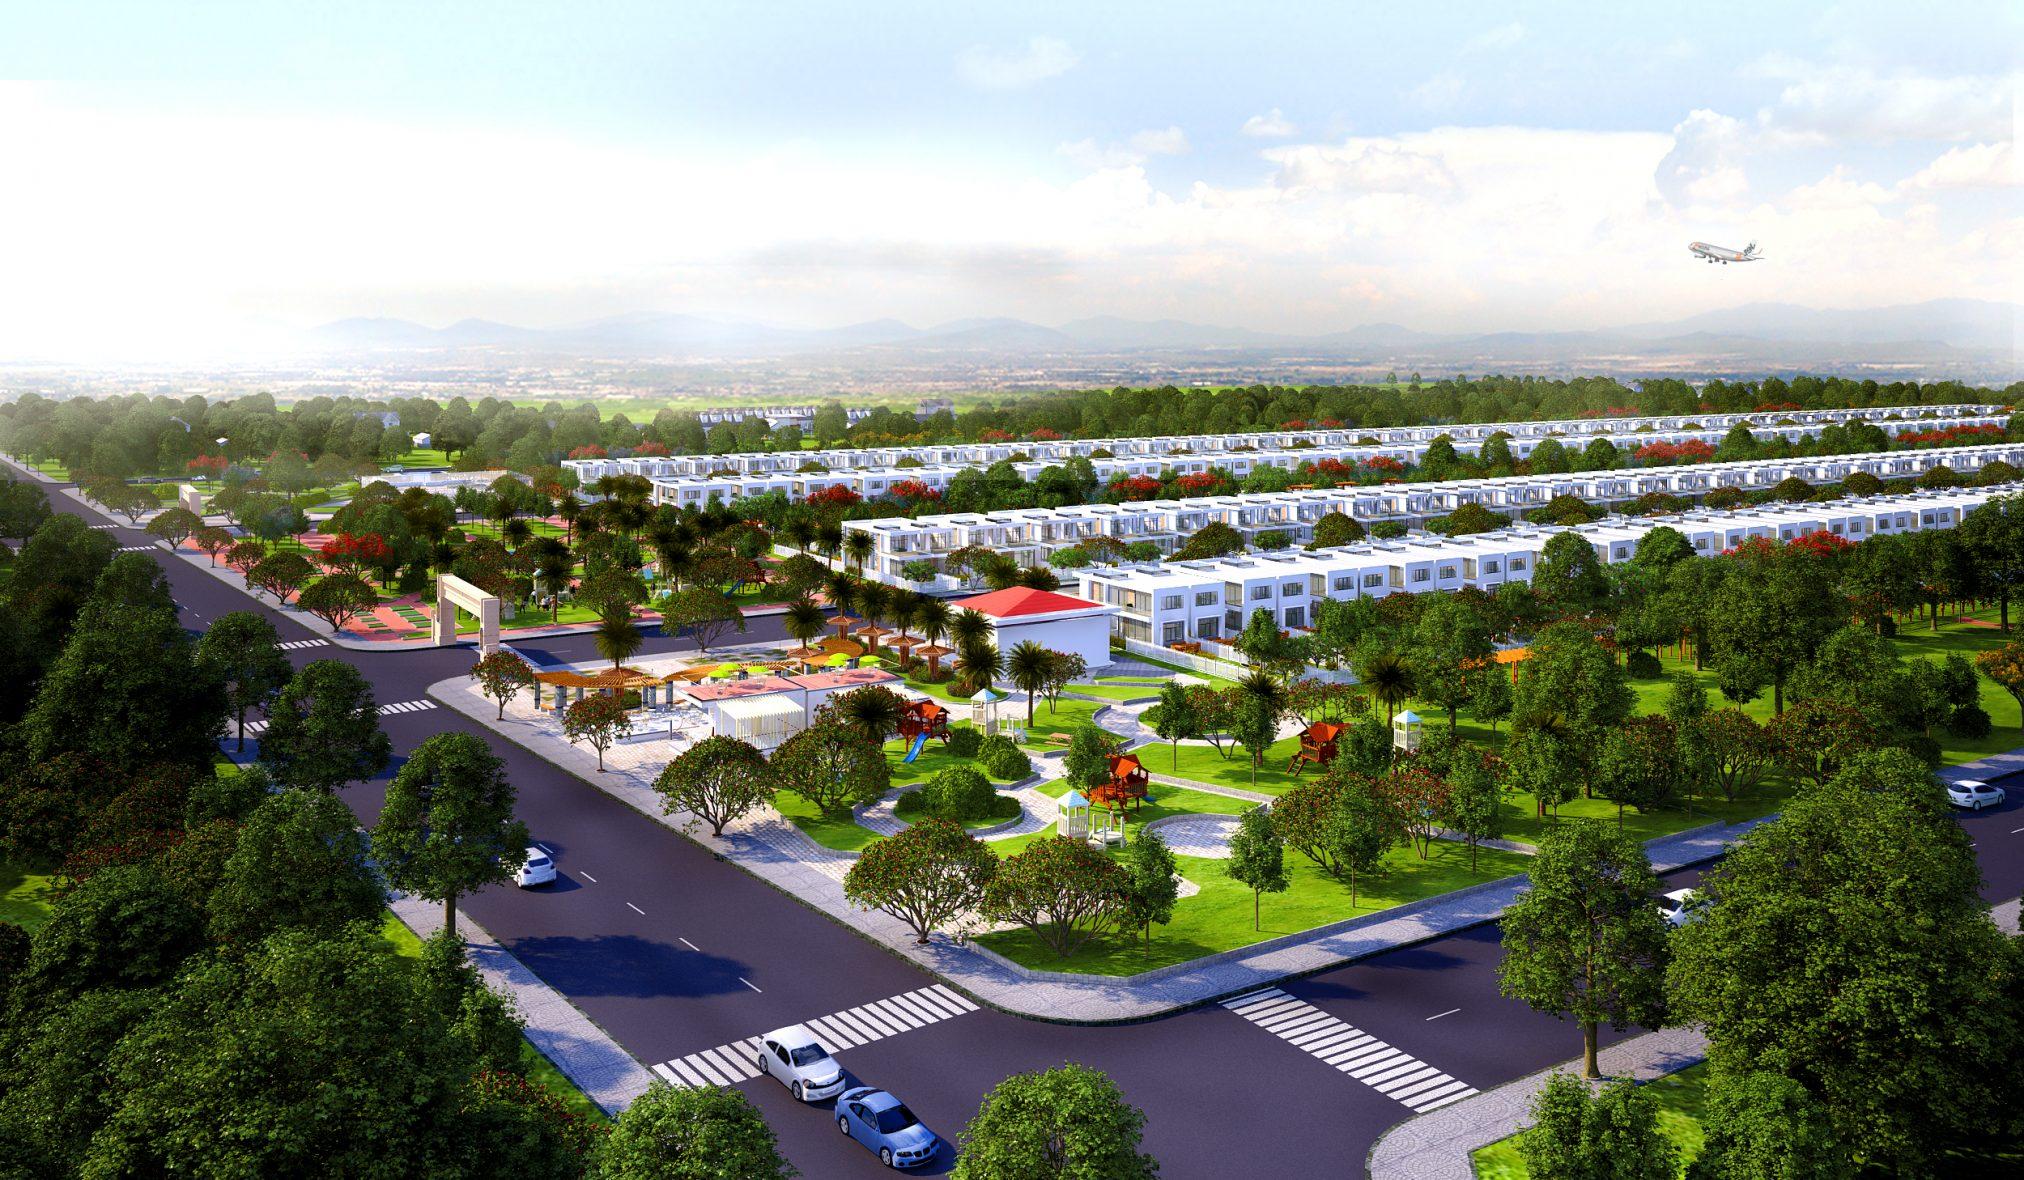 Công viên trung tâm dự án đất nền Phú Mỹ Future City Bà Rịa